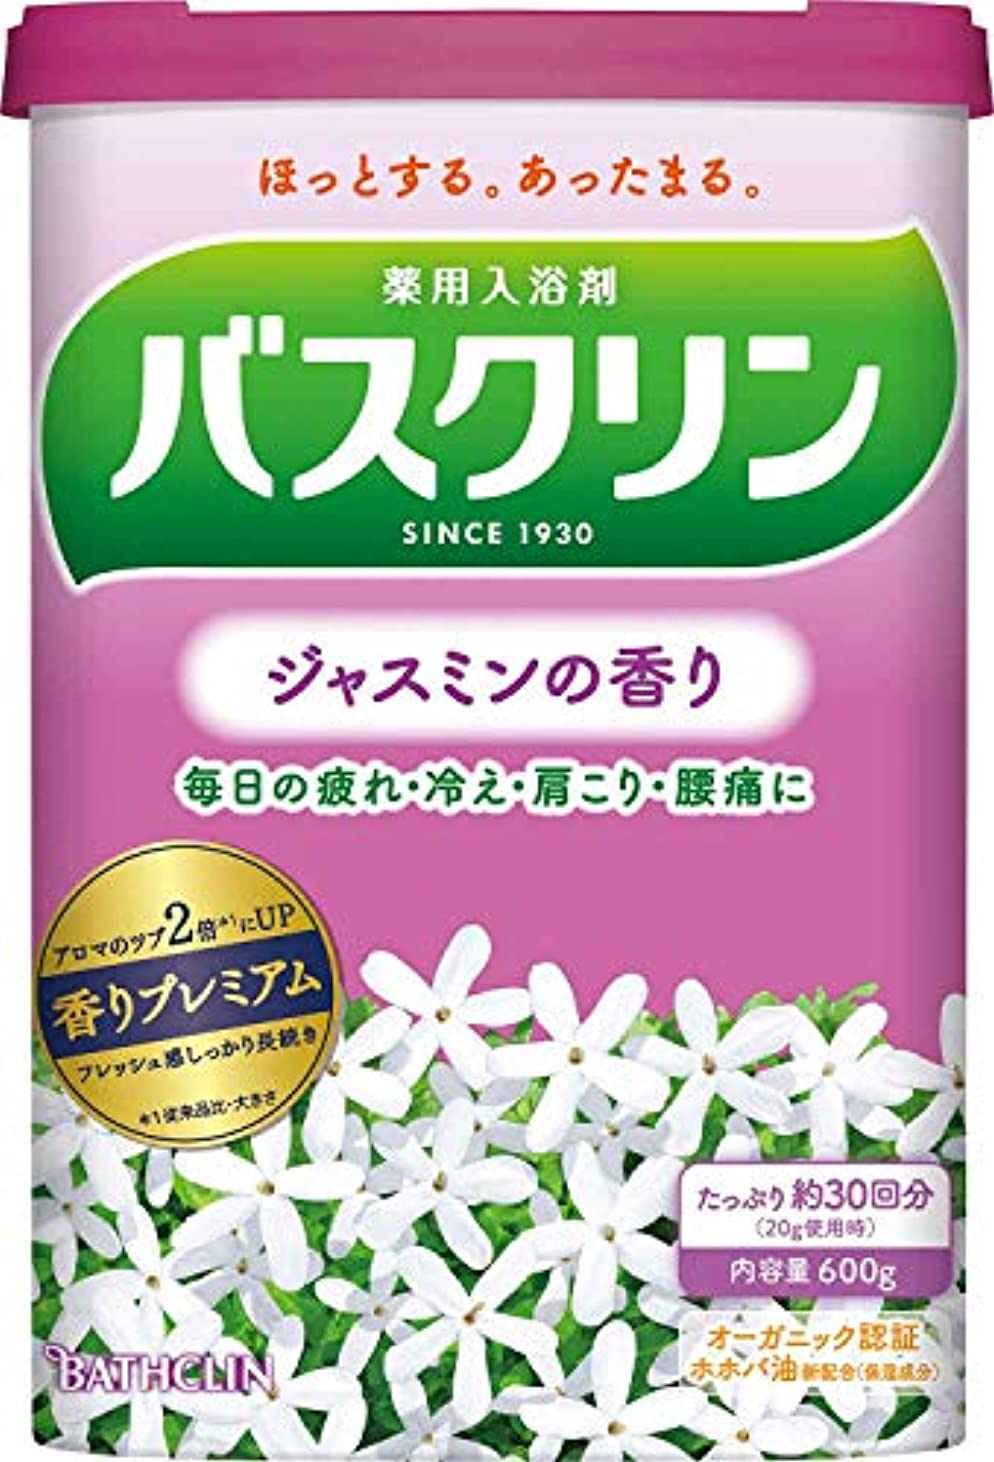 挑むアームストロング銀河【医薬部外品】バスクリン入浴剤 ジャスミンの香り600g(約30回分) 疲労回復